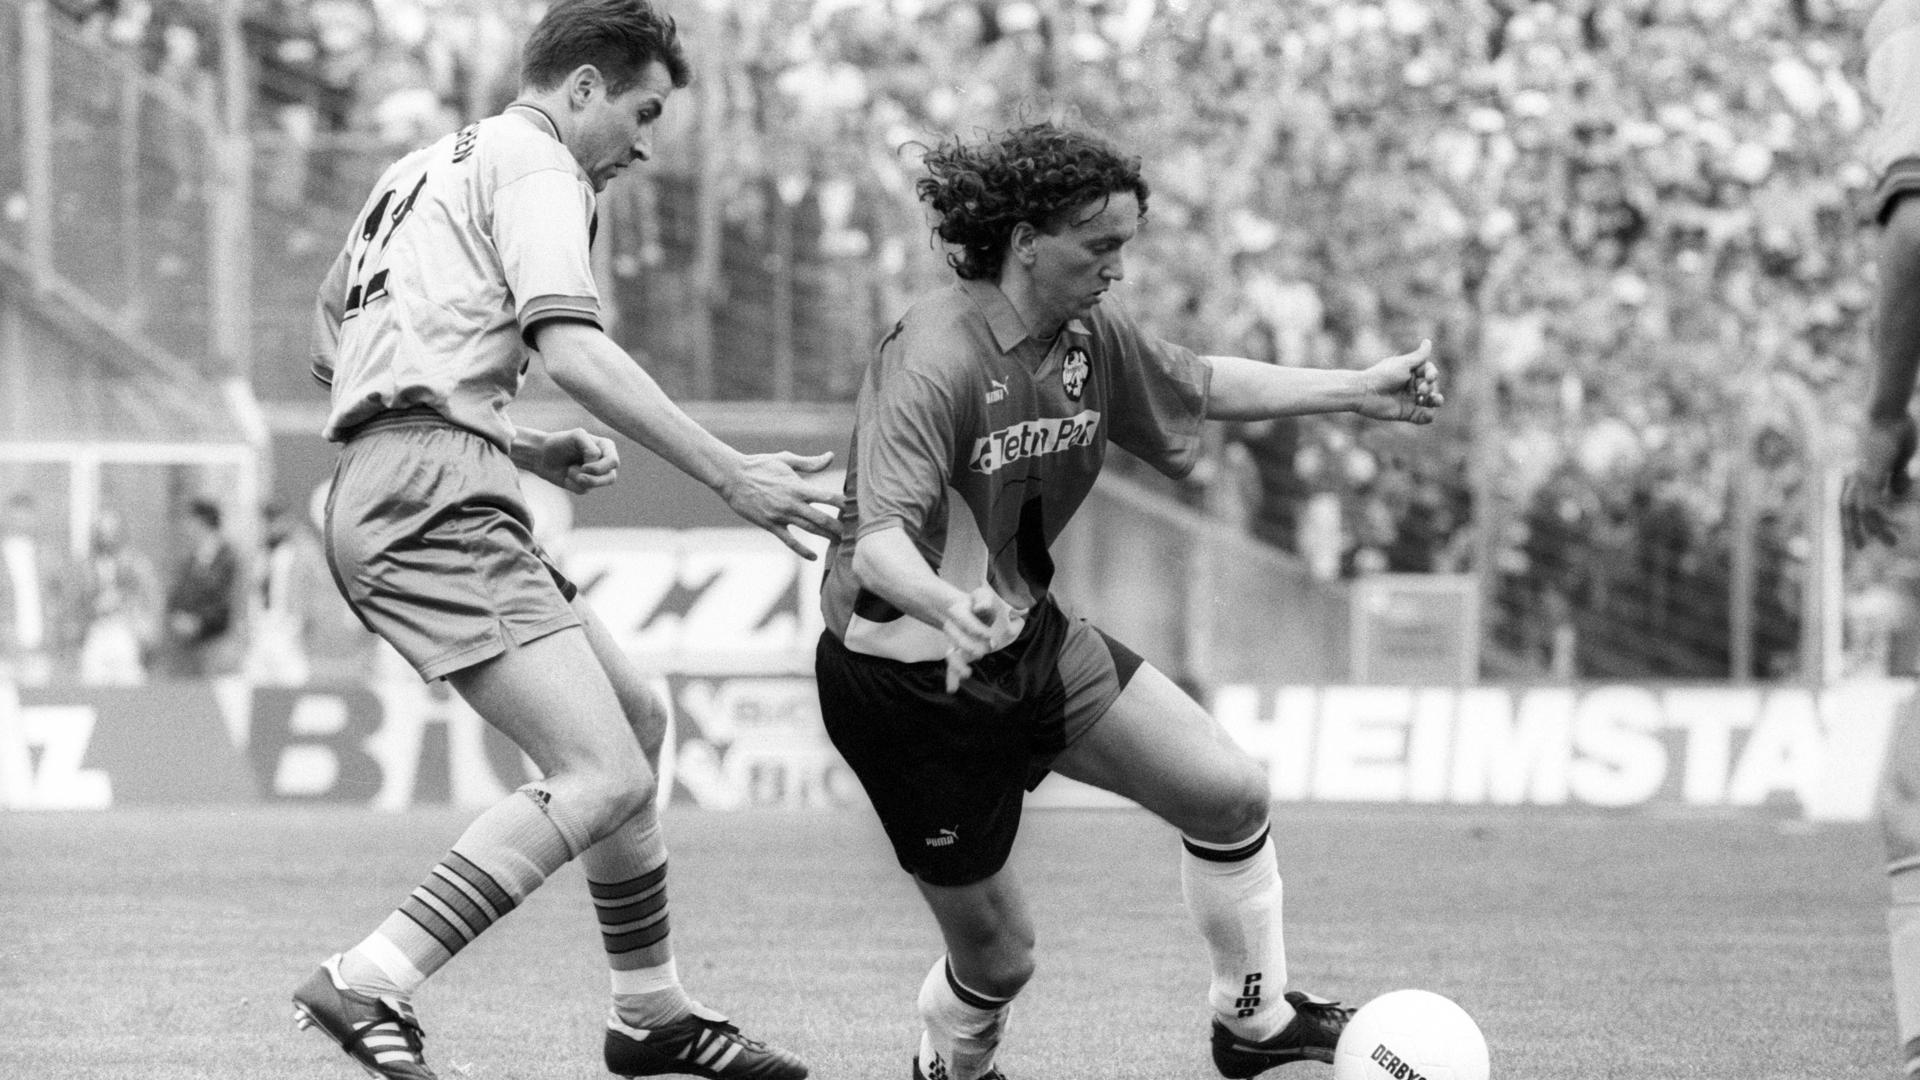 Bildnummer: 06944792  Datum: 15.04.1995  Copyright: imago/Ferdi Hartung Michael Anicic (Eintracht Frankfurt, re.) gegen Marco Grimm (FC Bayern München), einen der vier Vertragsamateure deretwegen der sportlich errungene Sieg am grünen Tisch in eine Niederlage gewandelt wurde; 603B Fussball Herren GER 1. BL Vneg Vsw xSP 1995 quer o0 Amateure, Amat. A., Wechselfehler, Pleiten Pech und Pannen o0 Saison 1994/1995, Eintracht Frankfurt - FC Bayern München 2:0 (5:2), Aktion